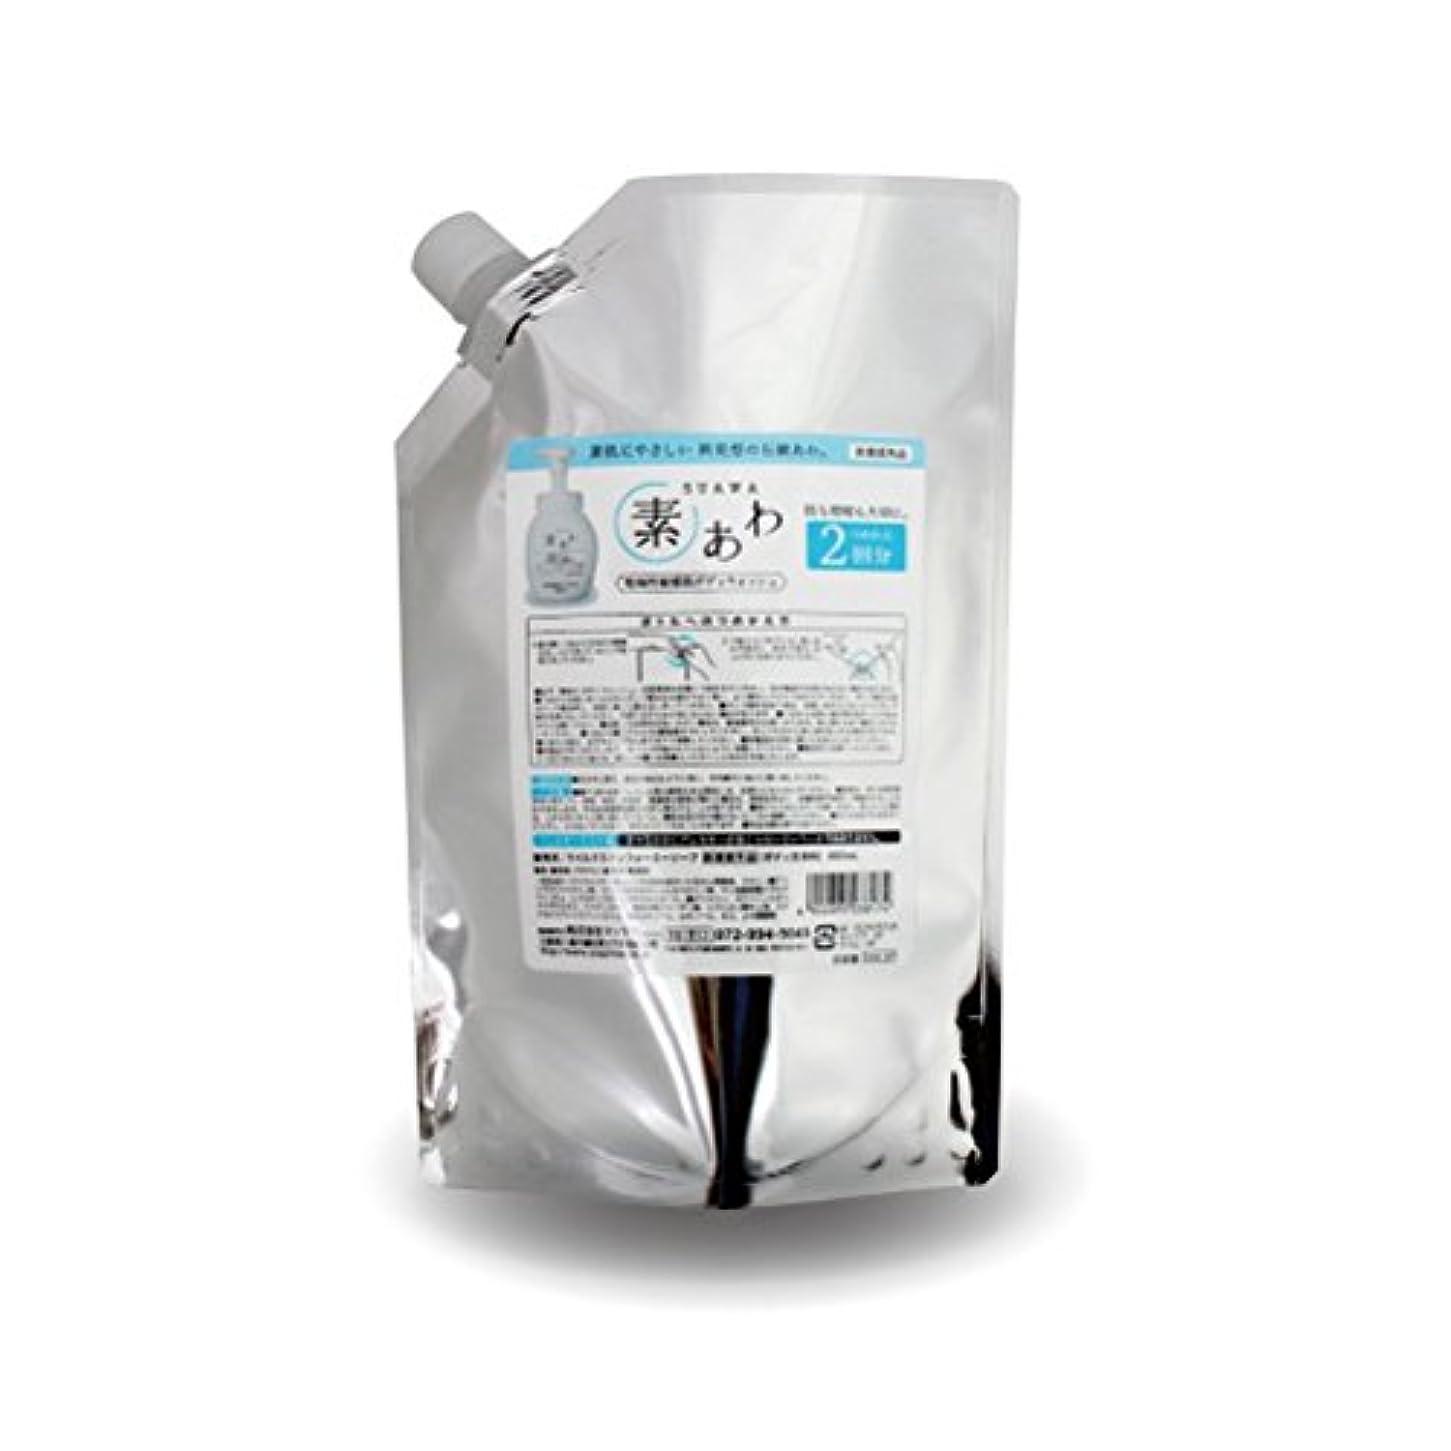 フォロー自体試してみる薬用 素あわ 泡タイプ ボディソープ 詰替2回分パウチ 800mL 乾 燥 肌 ? 敏 感 肌 に